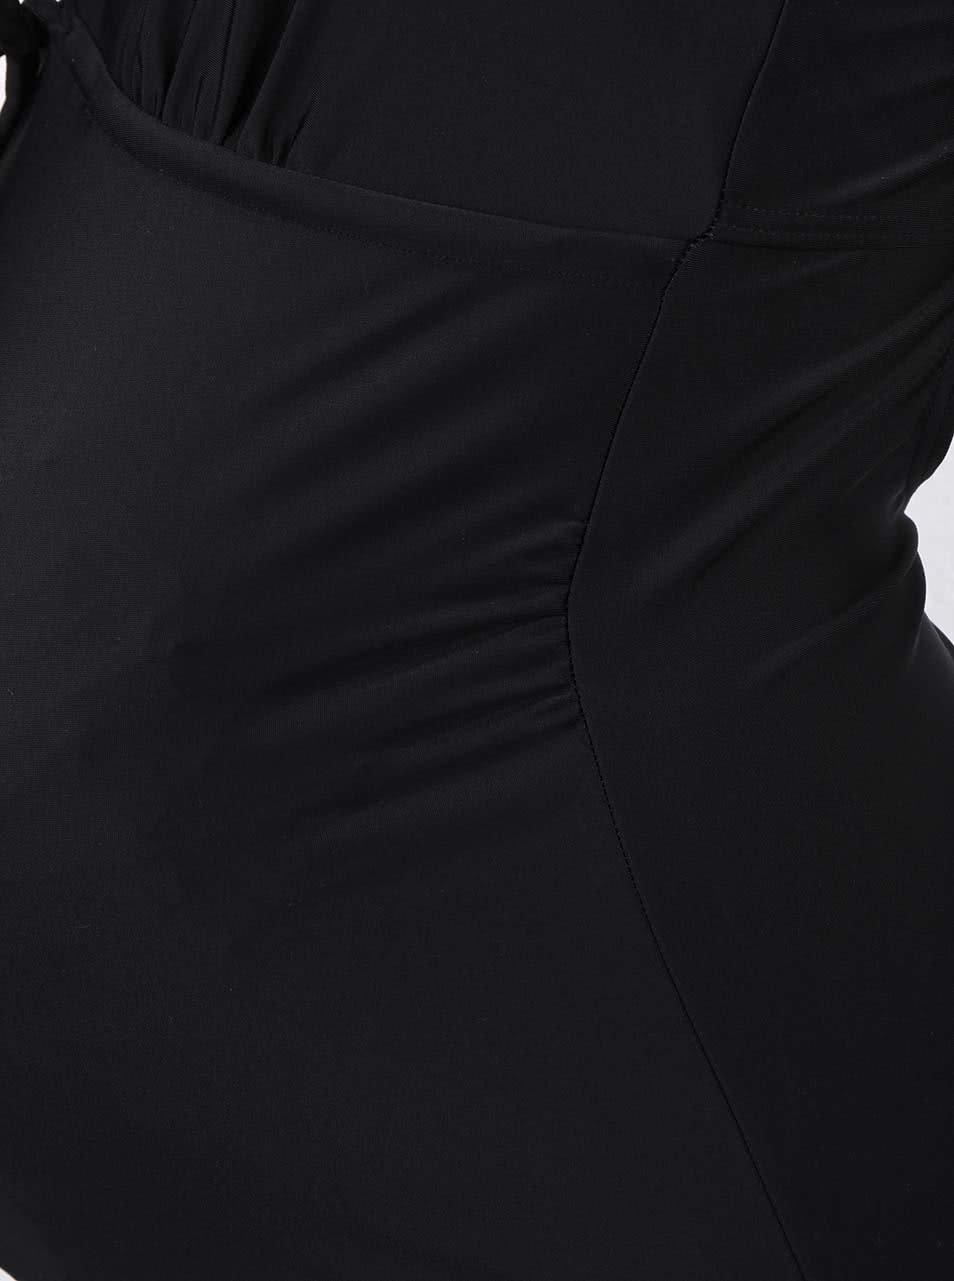 Černé těhotenské plavky Mama.licious Josefine ... f152c49119